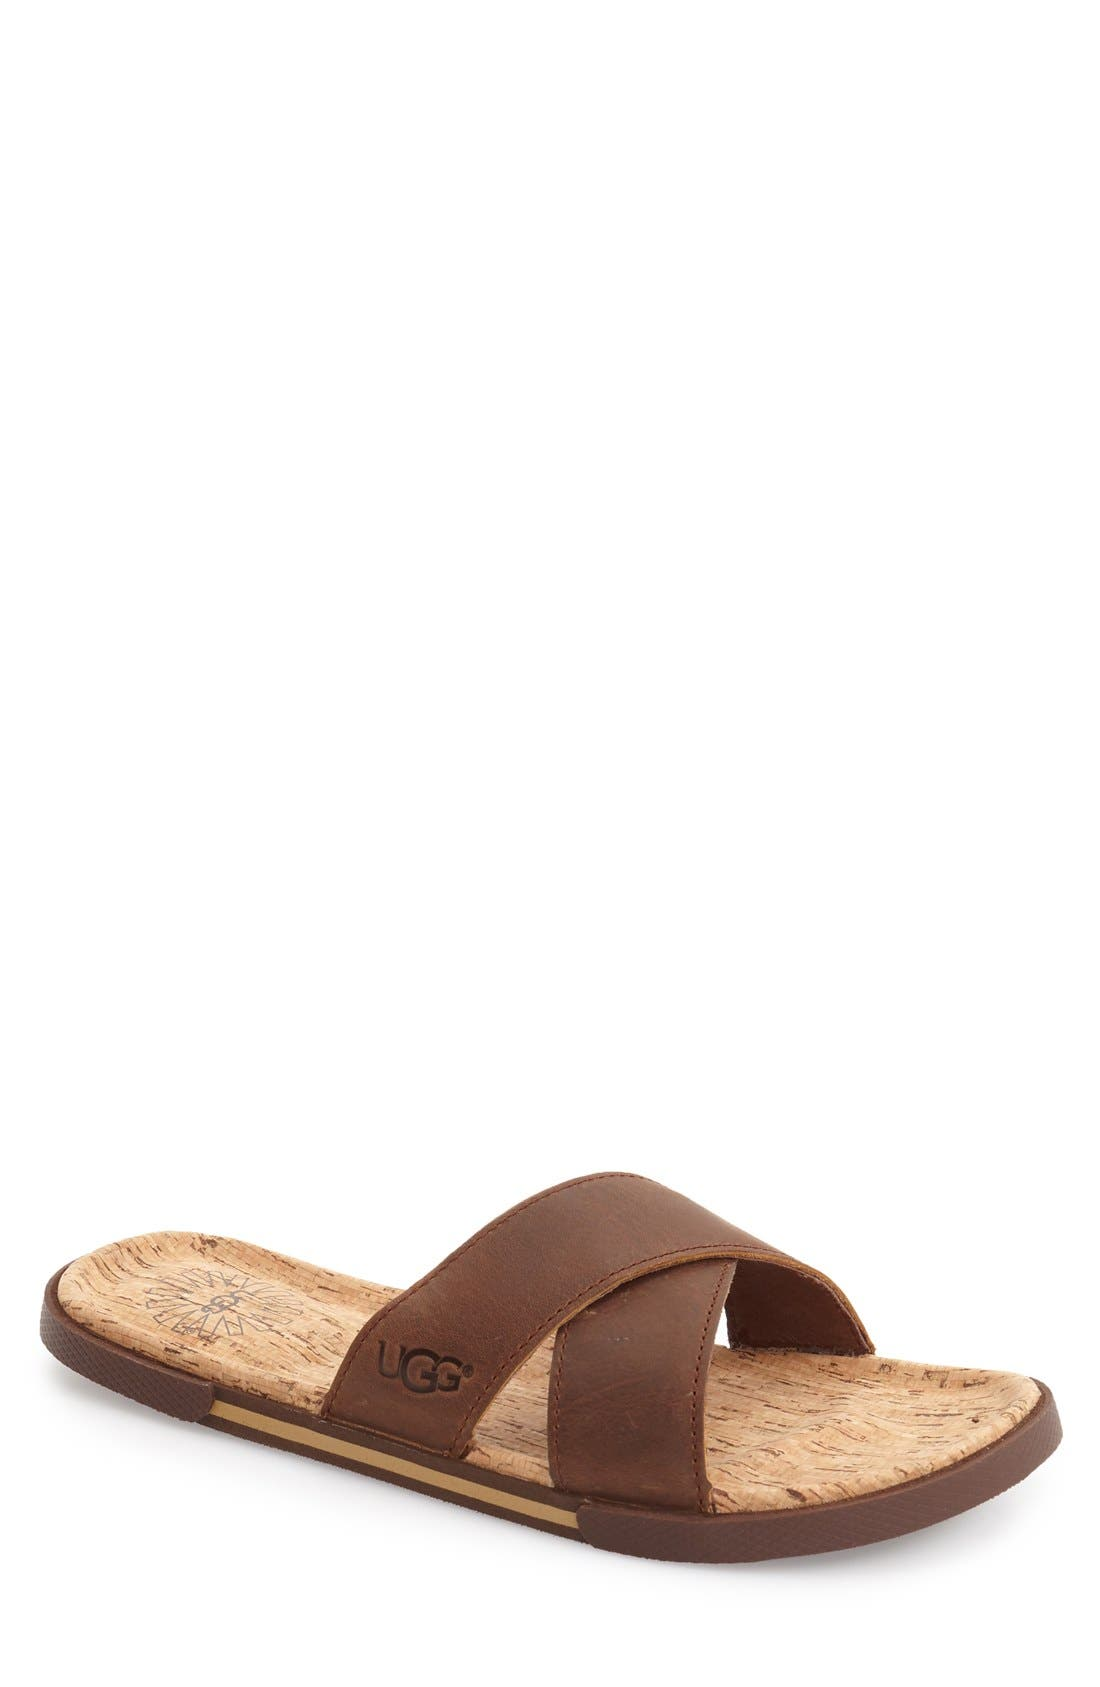 Alternate Image 1 Selected - UGG® 'Ithan' Slide Sandal (Men's)